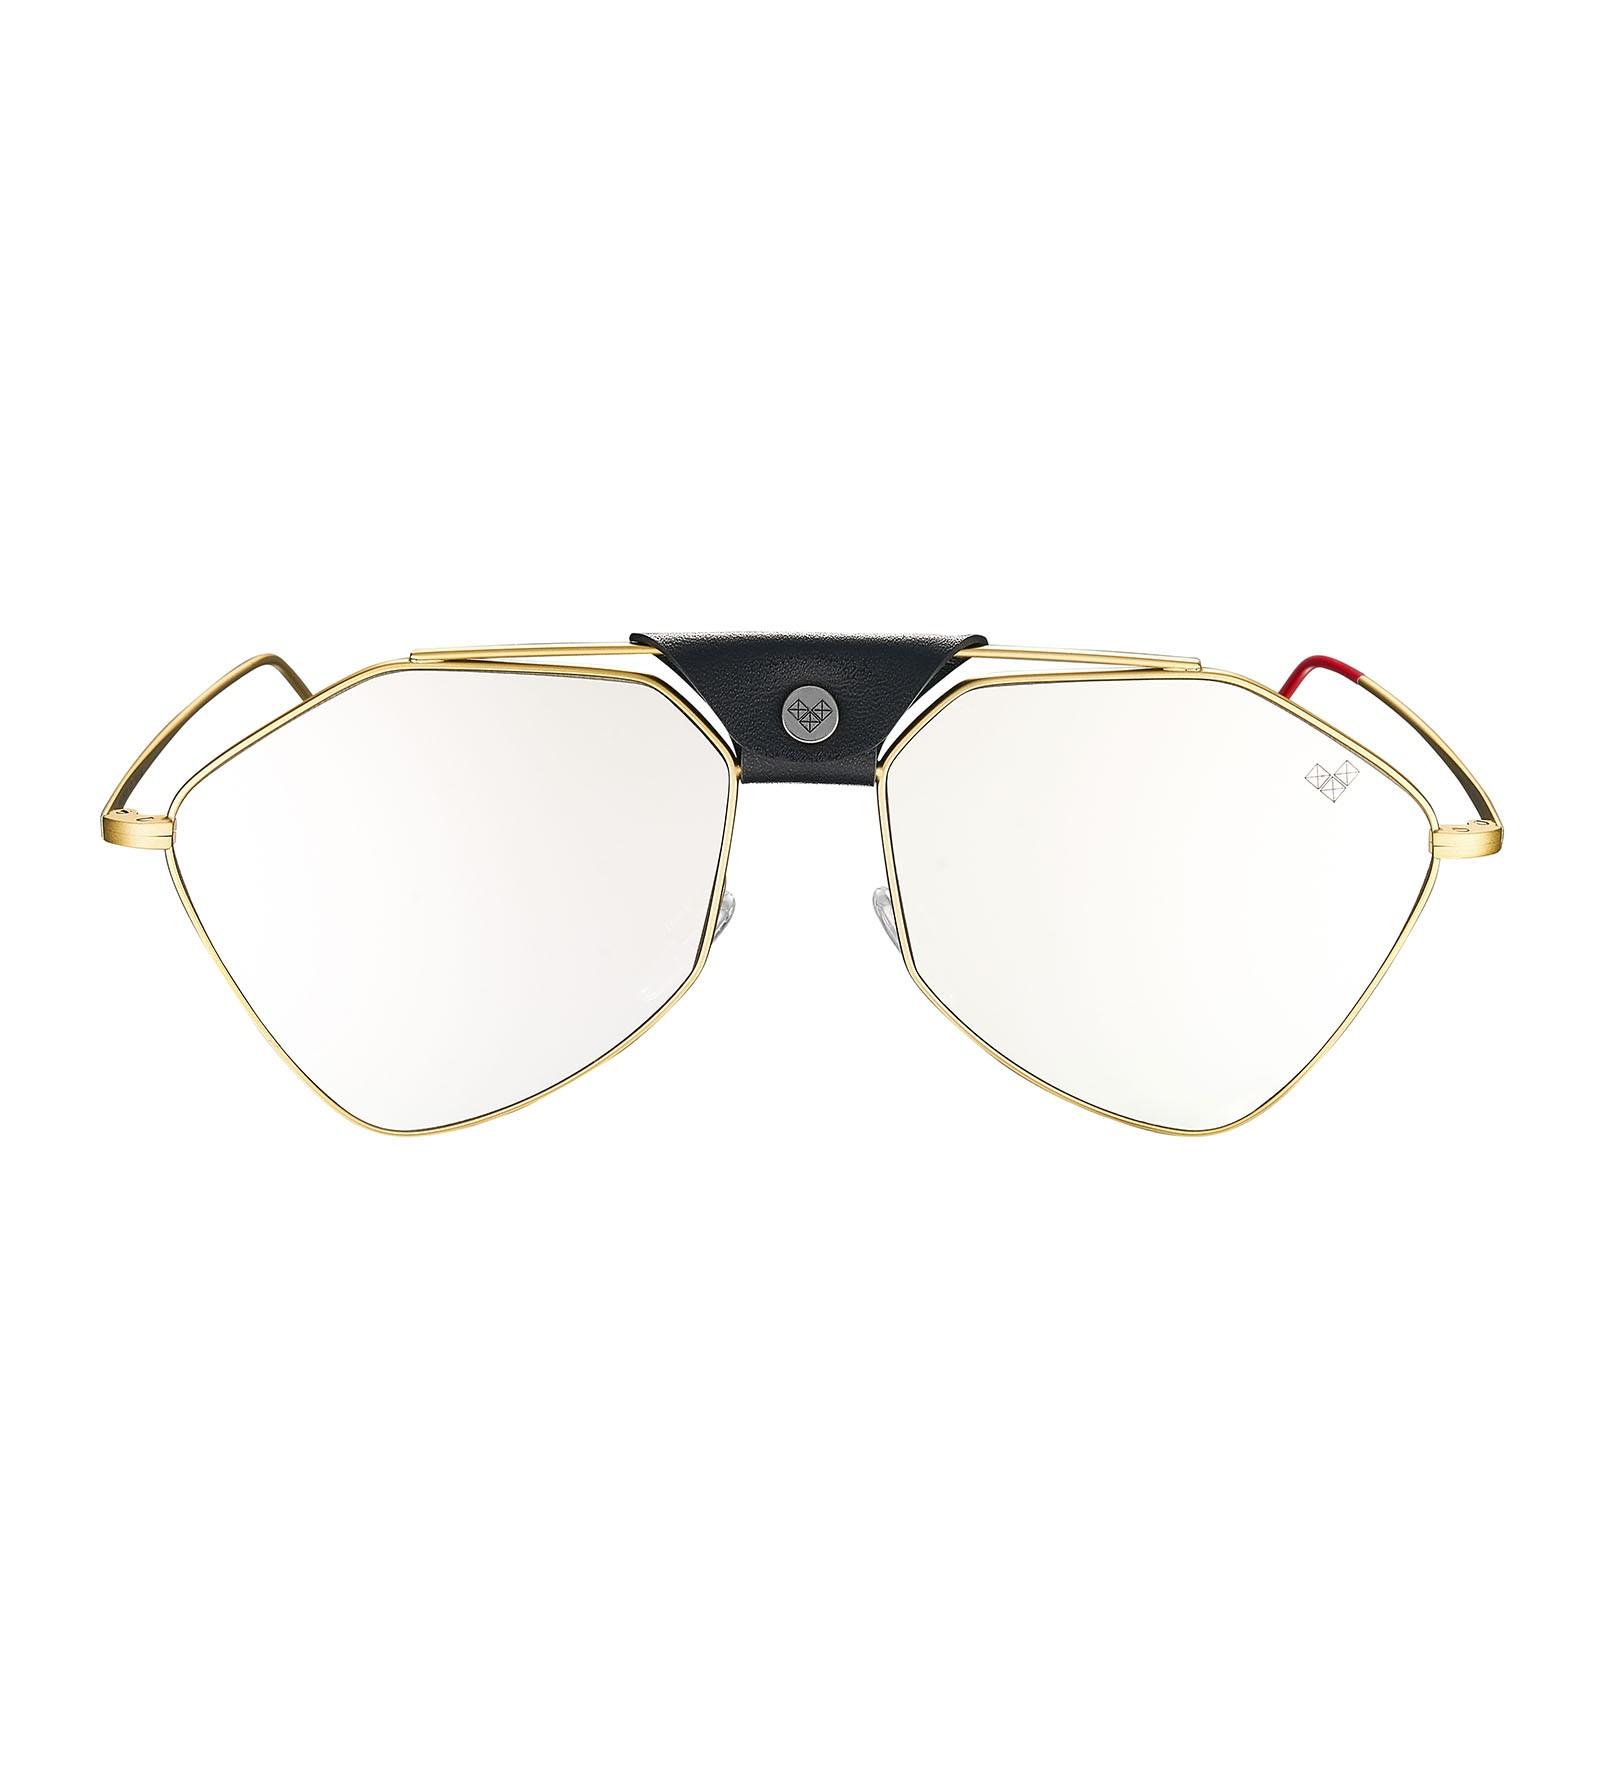 Vysen Letec 7S Dourado Lentes Espelhadas Prata - Oculos de Sol